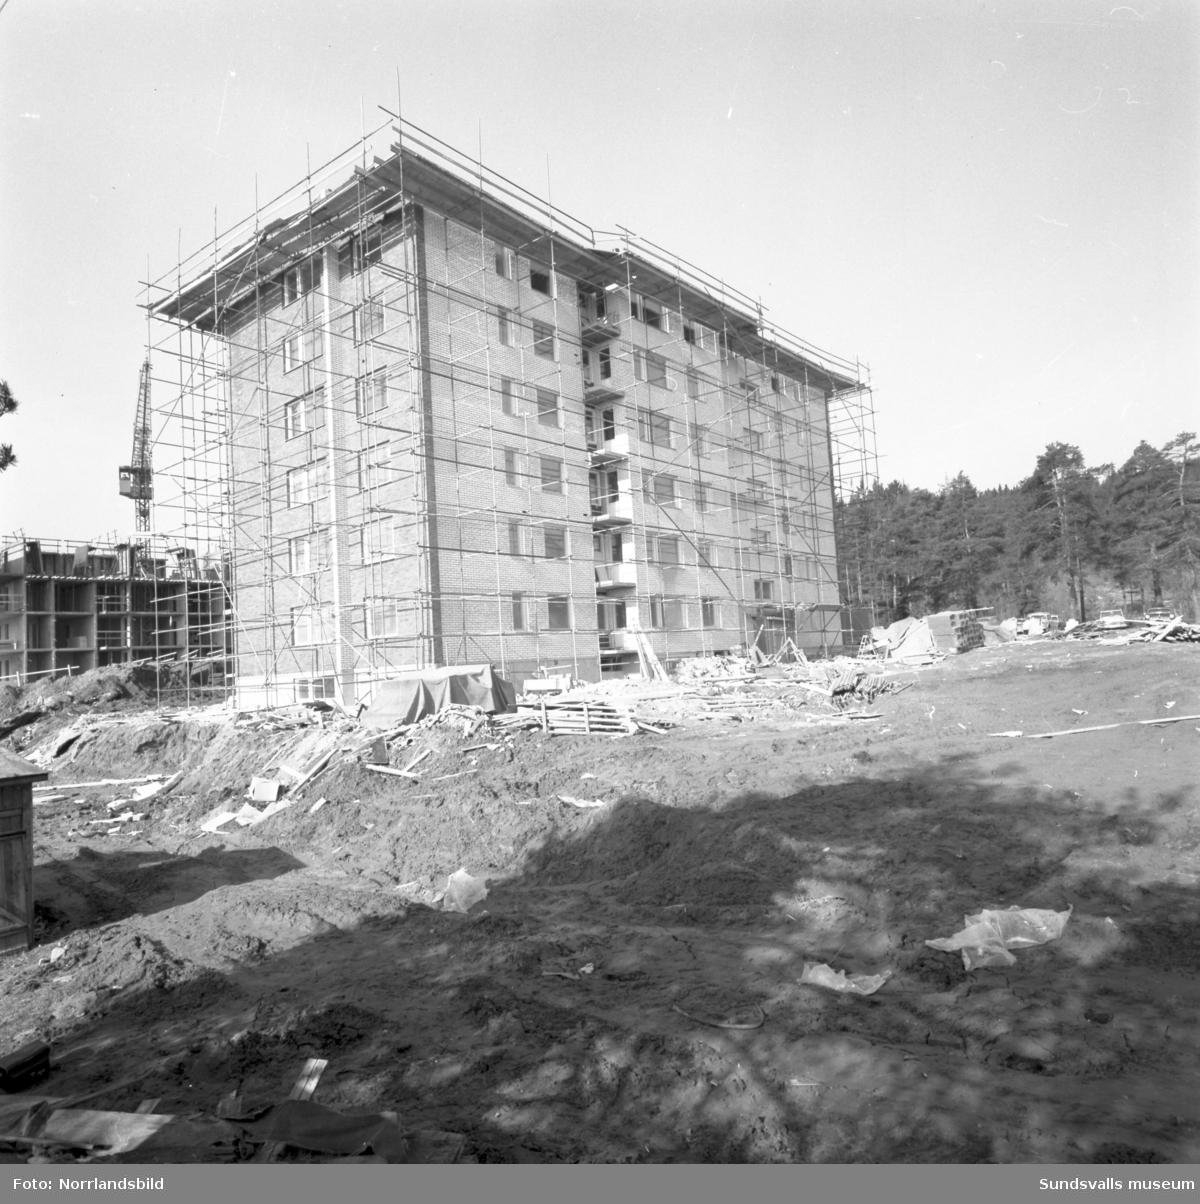 Bygge av flerfamiljshus vid Skogsvägen i Timrå.